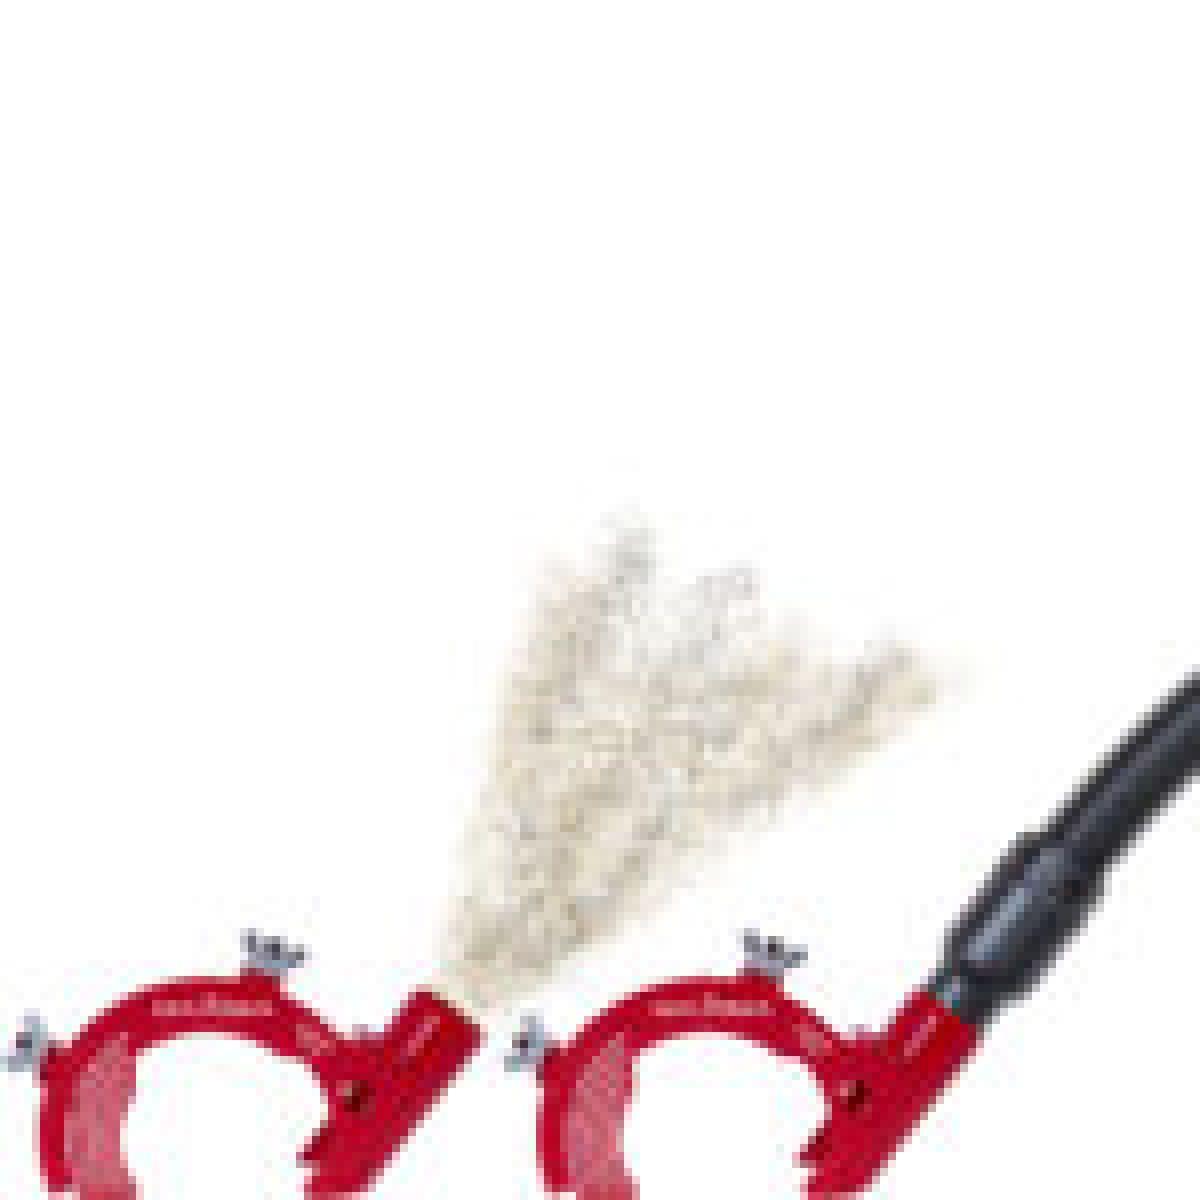 CUFFIA metallica permette una notevole riduzione di tutti i tipi di polveri, facile da collegare ad una aspirapolvere